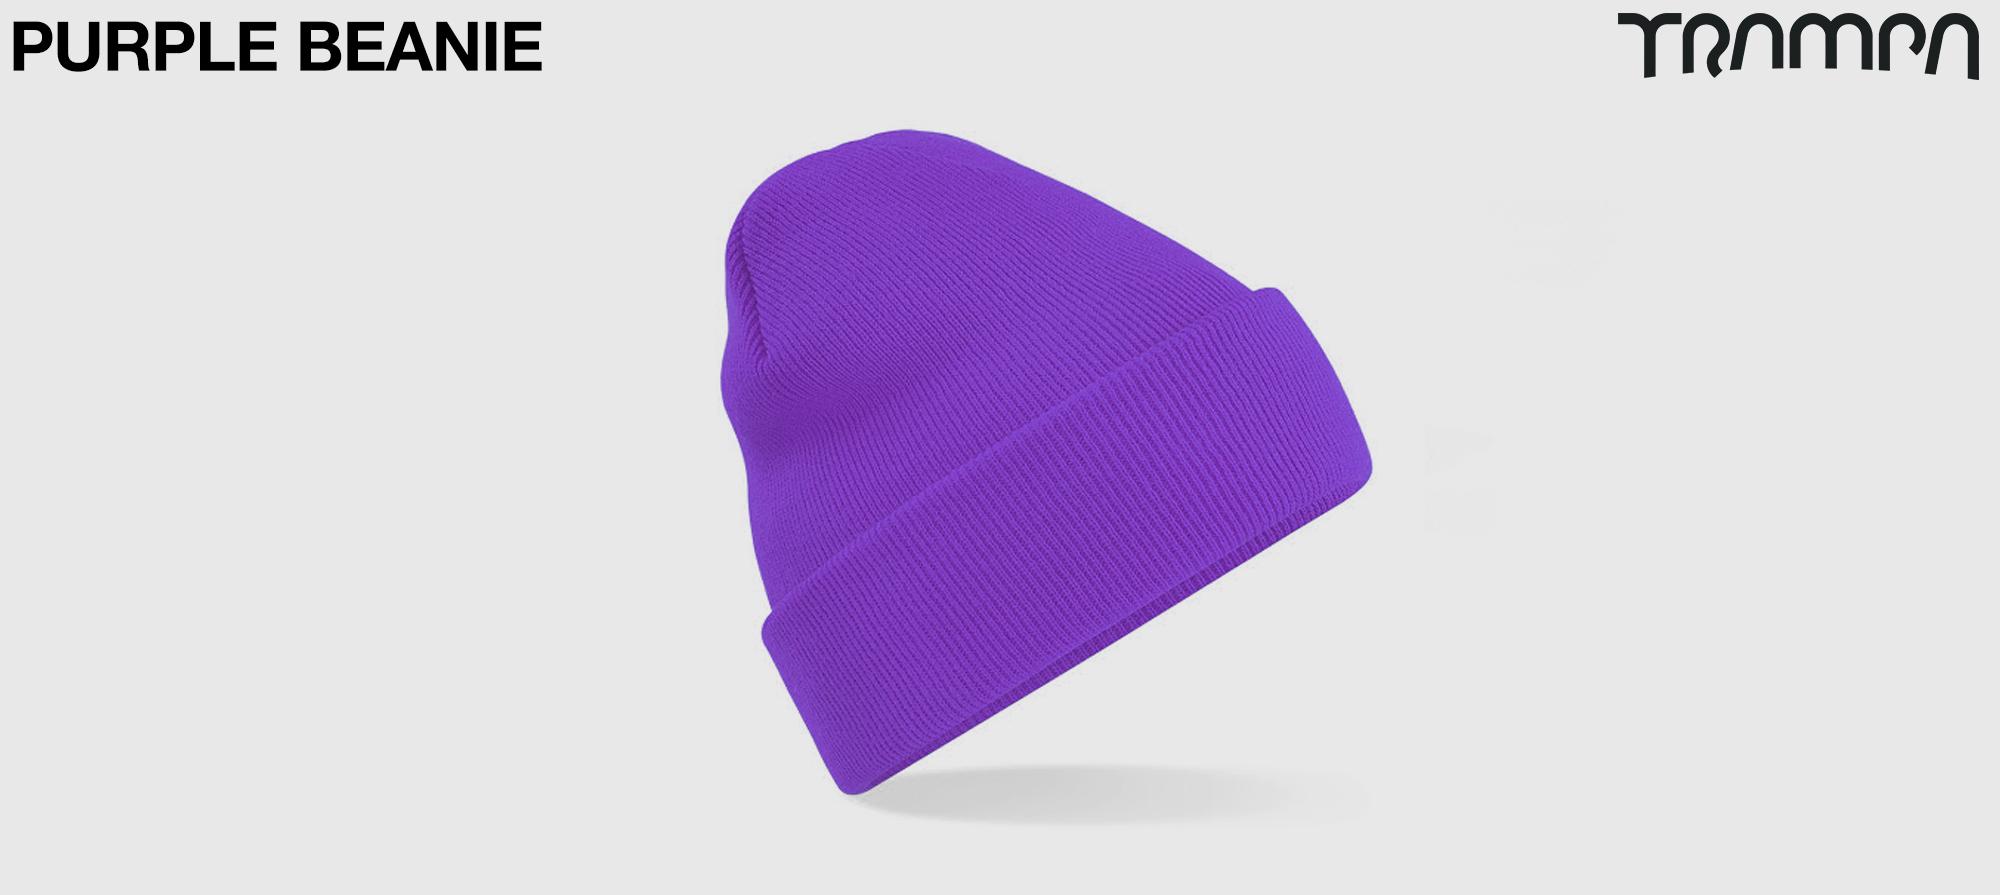 Wooli Hat Turn up - PURPLE